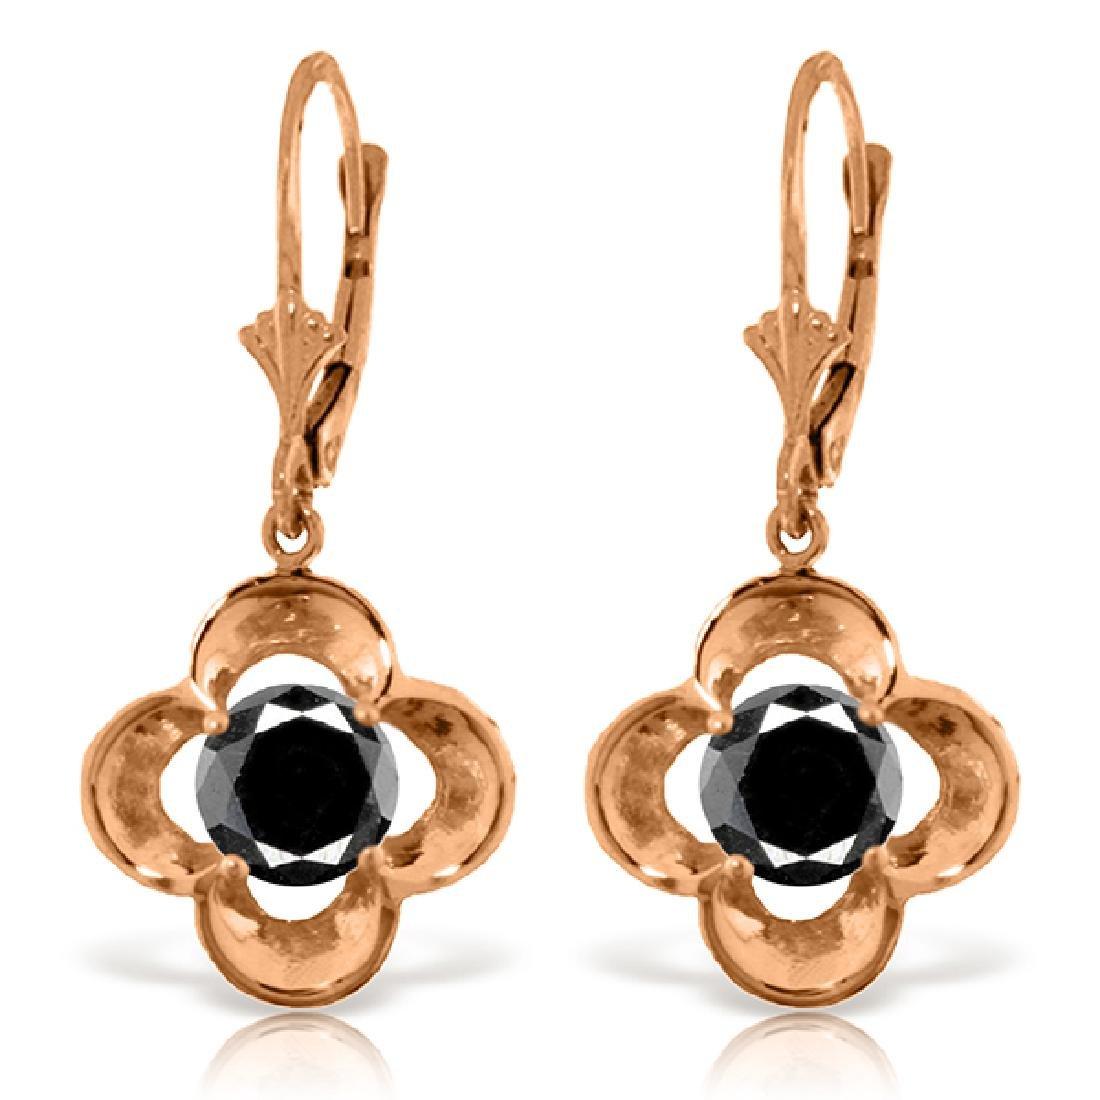 Genuine 1.0 ctw Black Diamond Earrings Jewelry 14KT